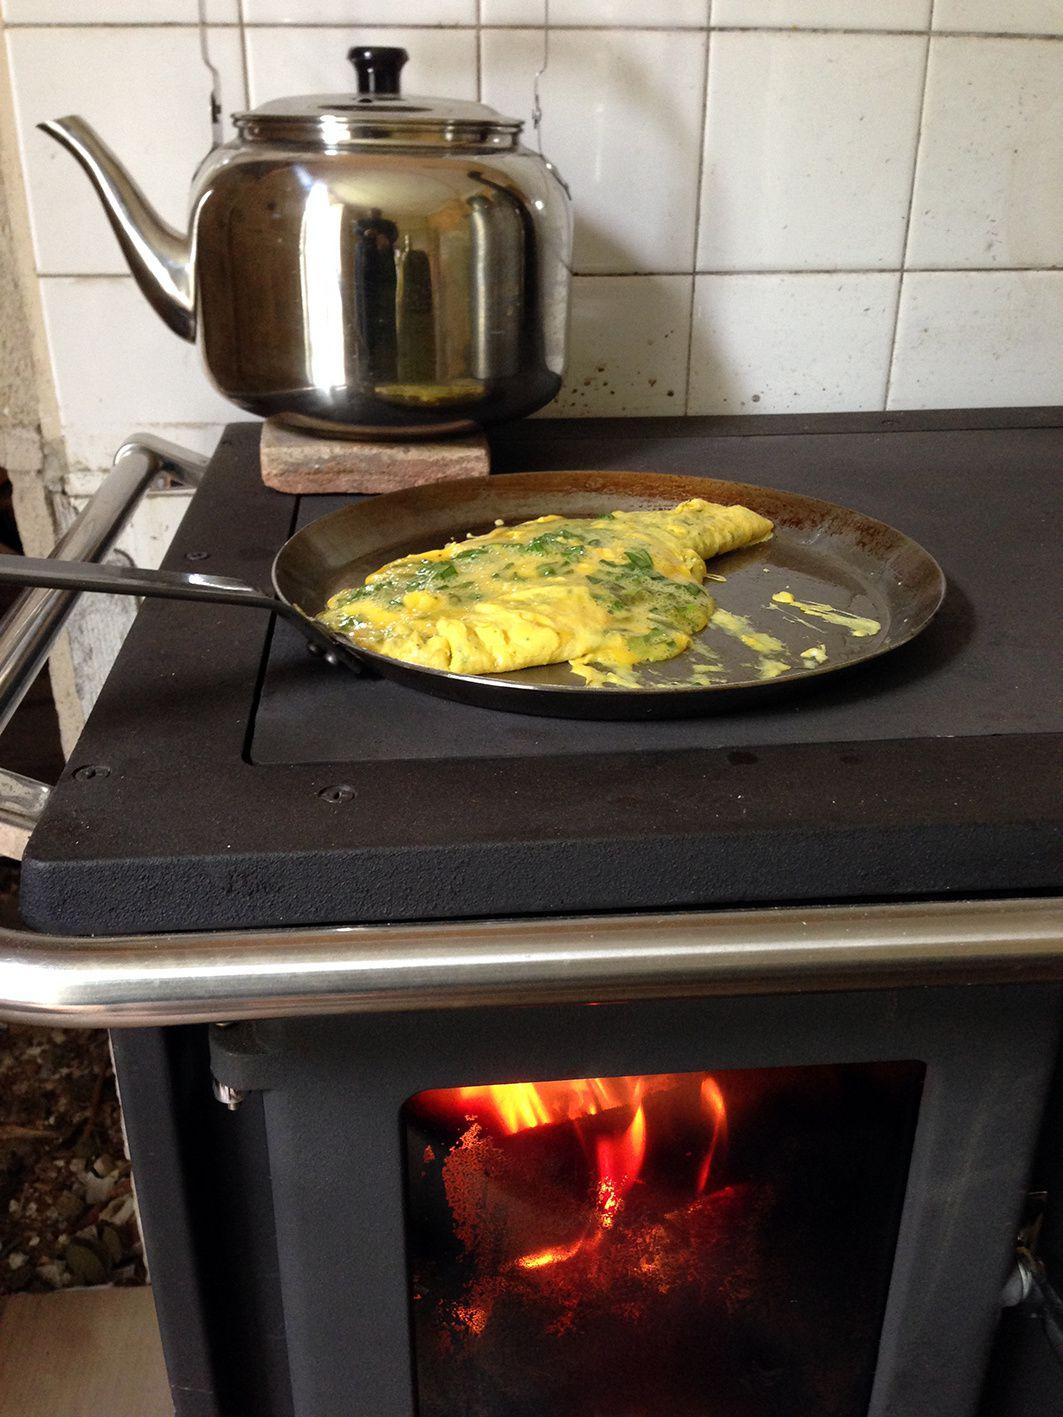 Une omelette (aux herbes du jardin) en premier plan et une bouilloire (6 litres) au second plan.